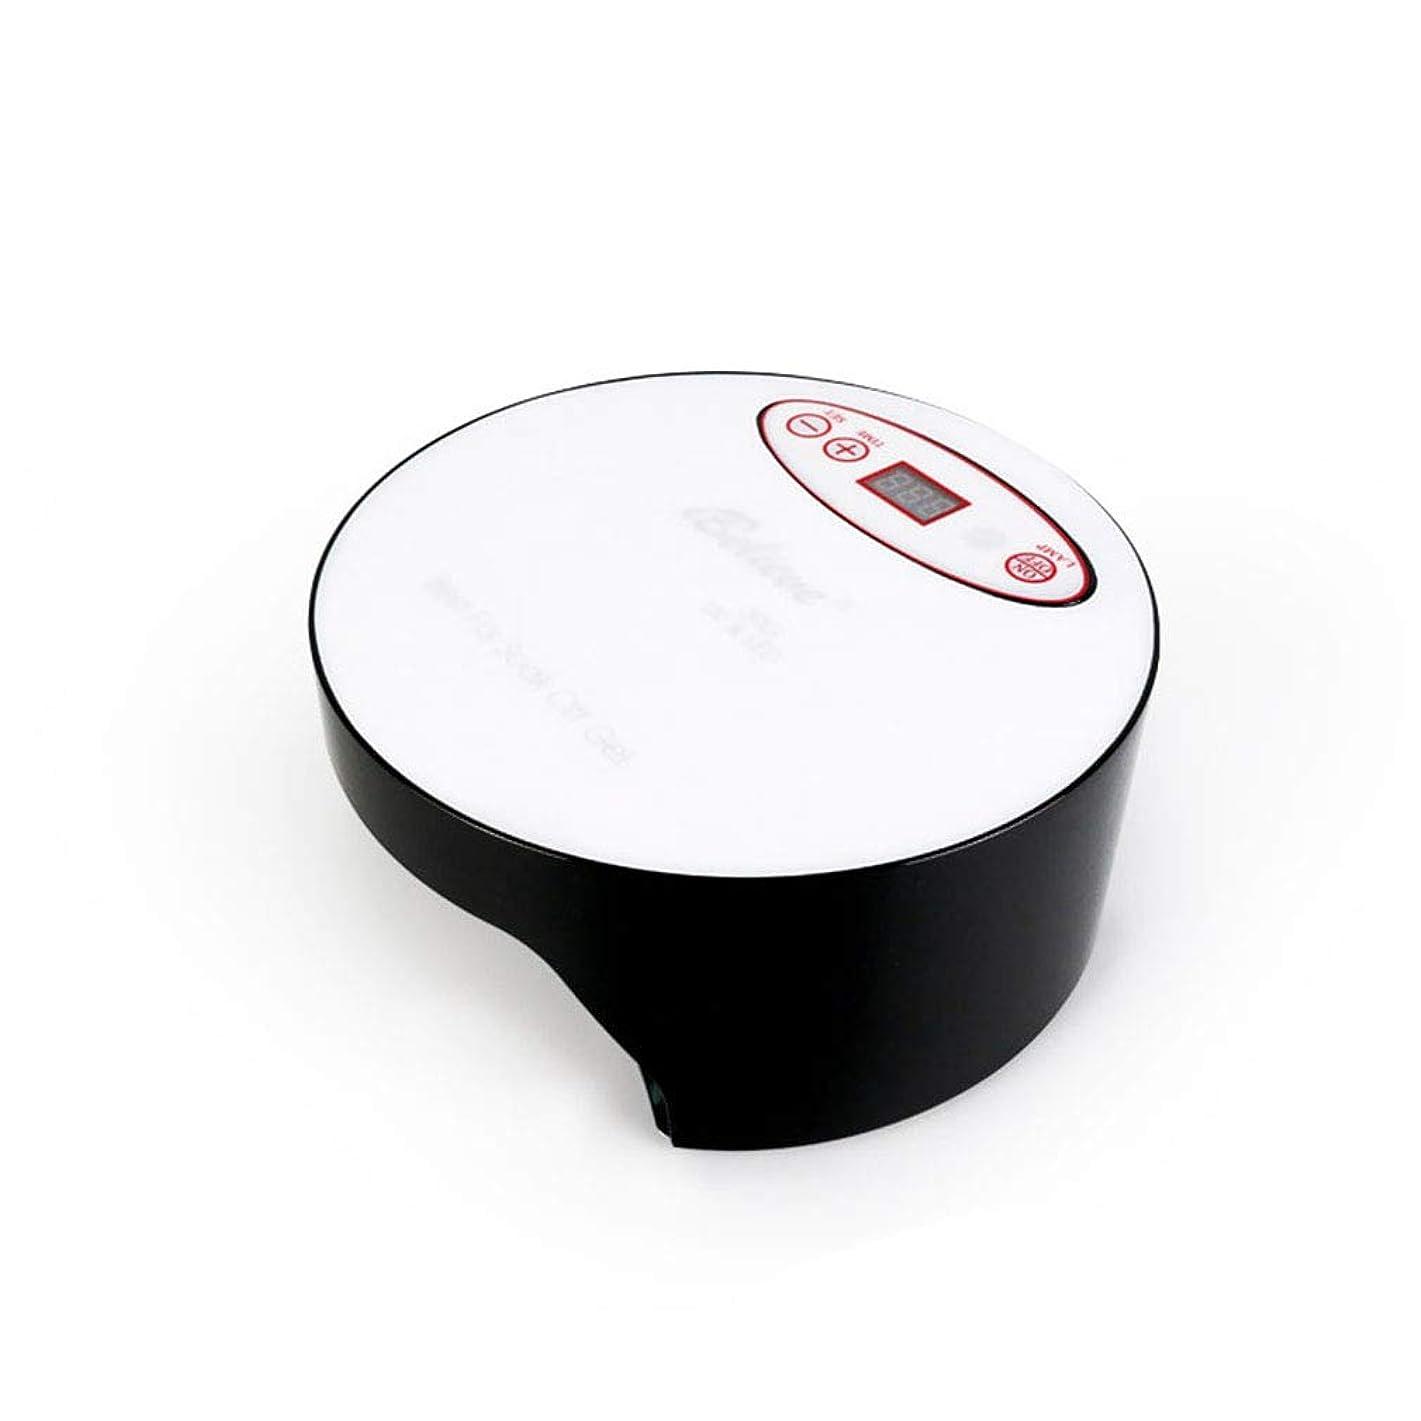 パストレイル落胆させるネイルドライヤー、タイマー付きネイル用ポータブルLED/UVランプ、赤外線センサー、取り外し可能な磁性プレート、すべてのジェルに適して,Black